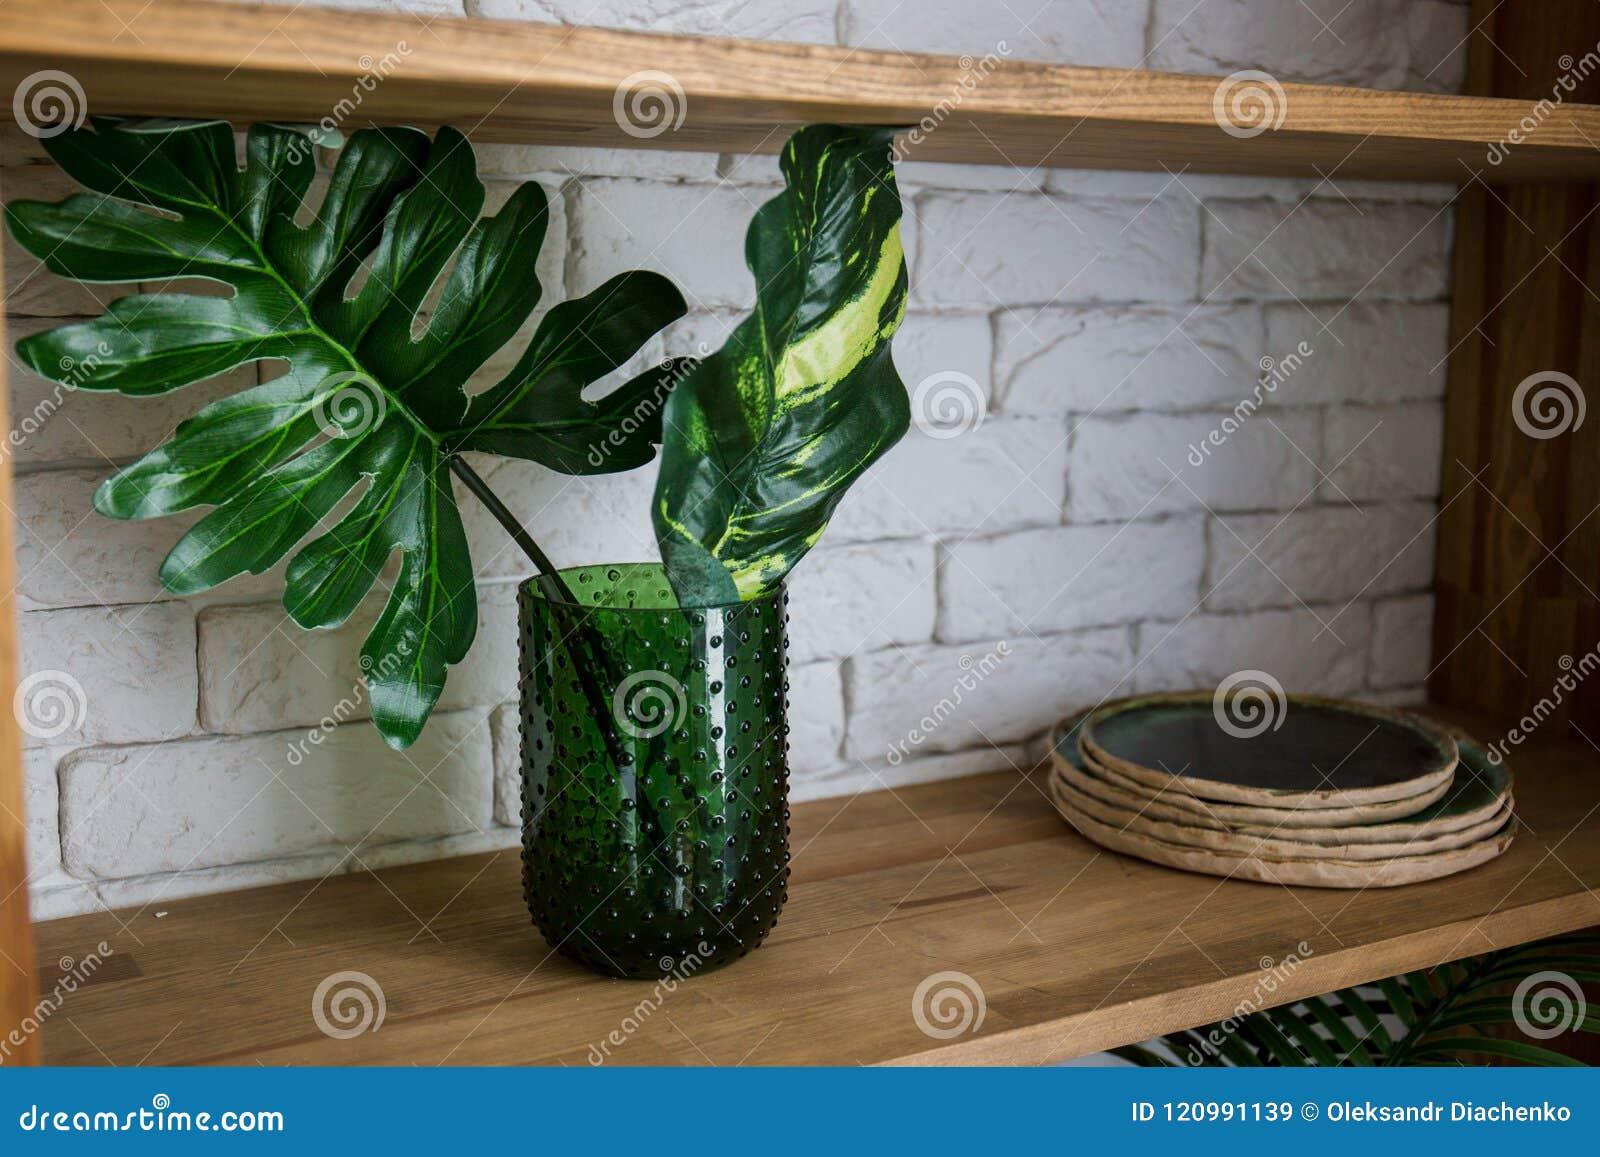 Palma liści stojak w zielonej wazie na drewnianej półce